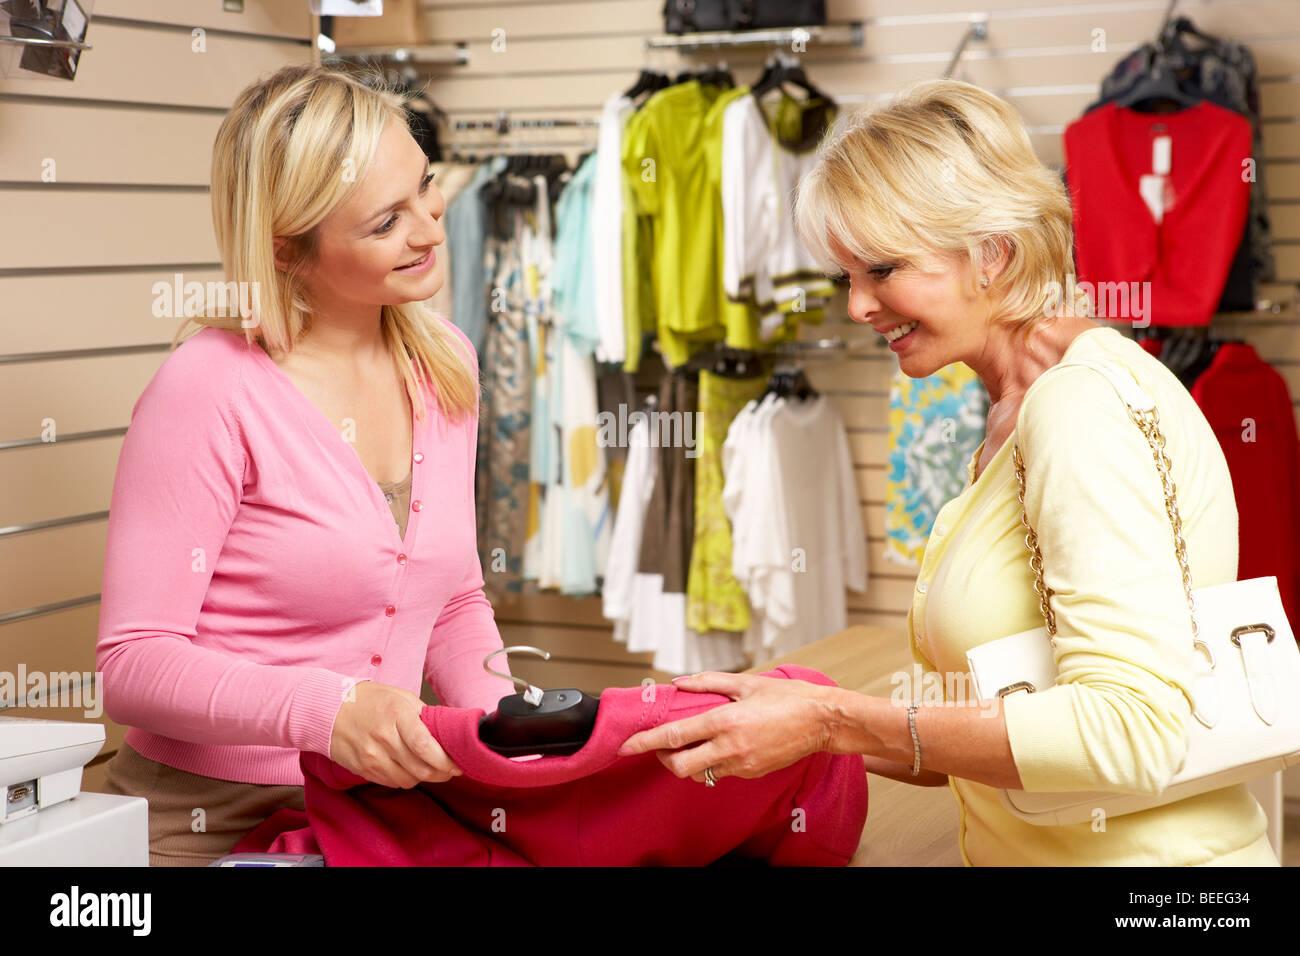 Assistente di vendita con un cliente in negozio di abbigliamento Immagini  Stock 2ff67d4fd99